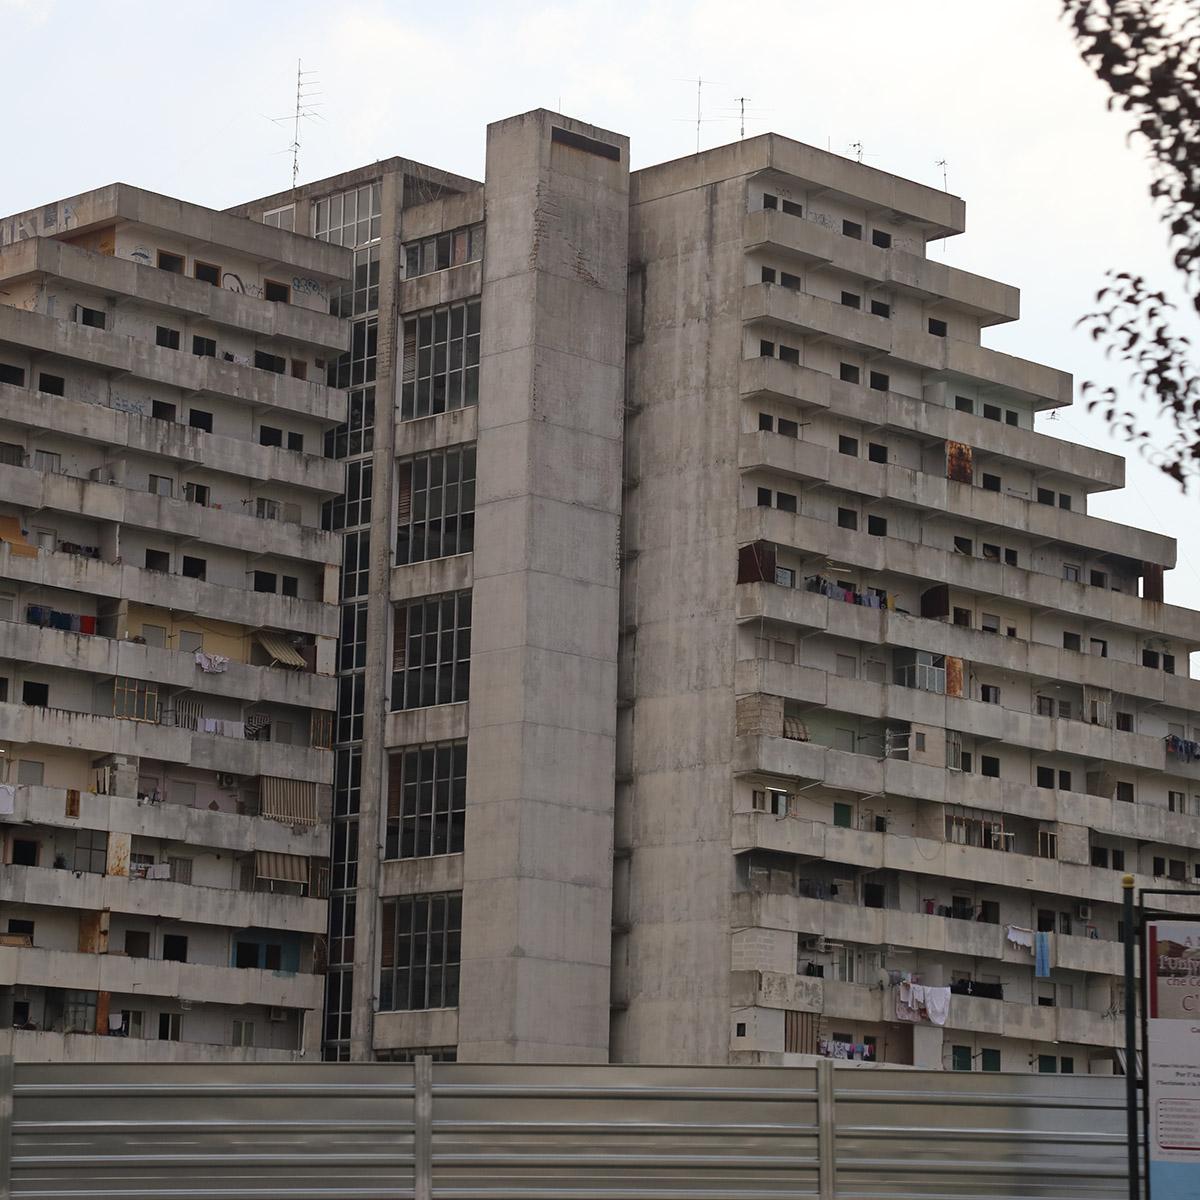 Architettura criminale